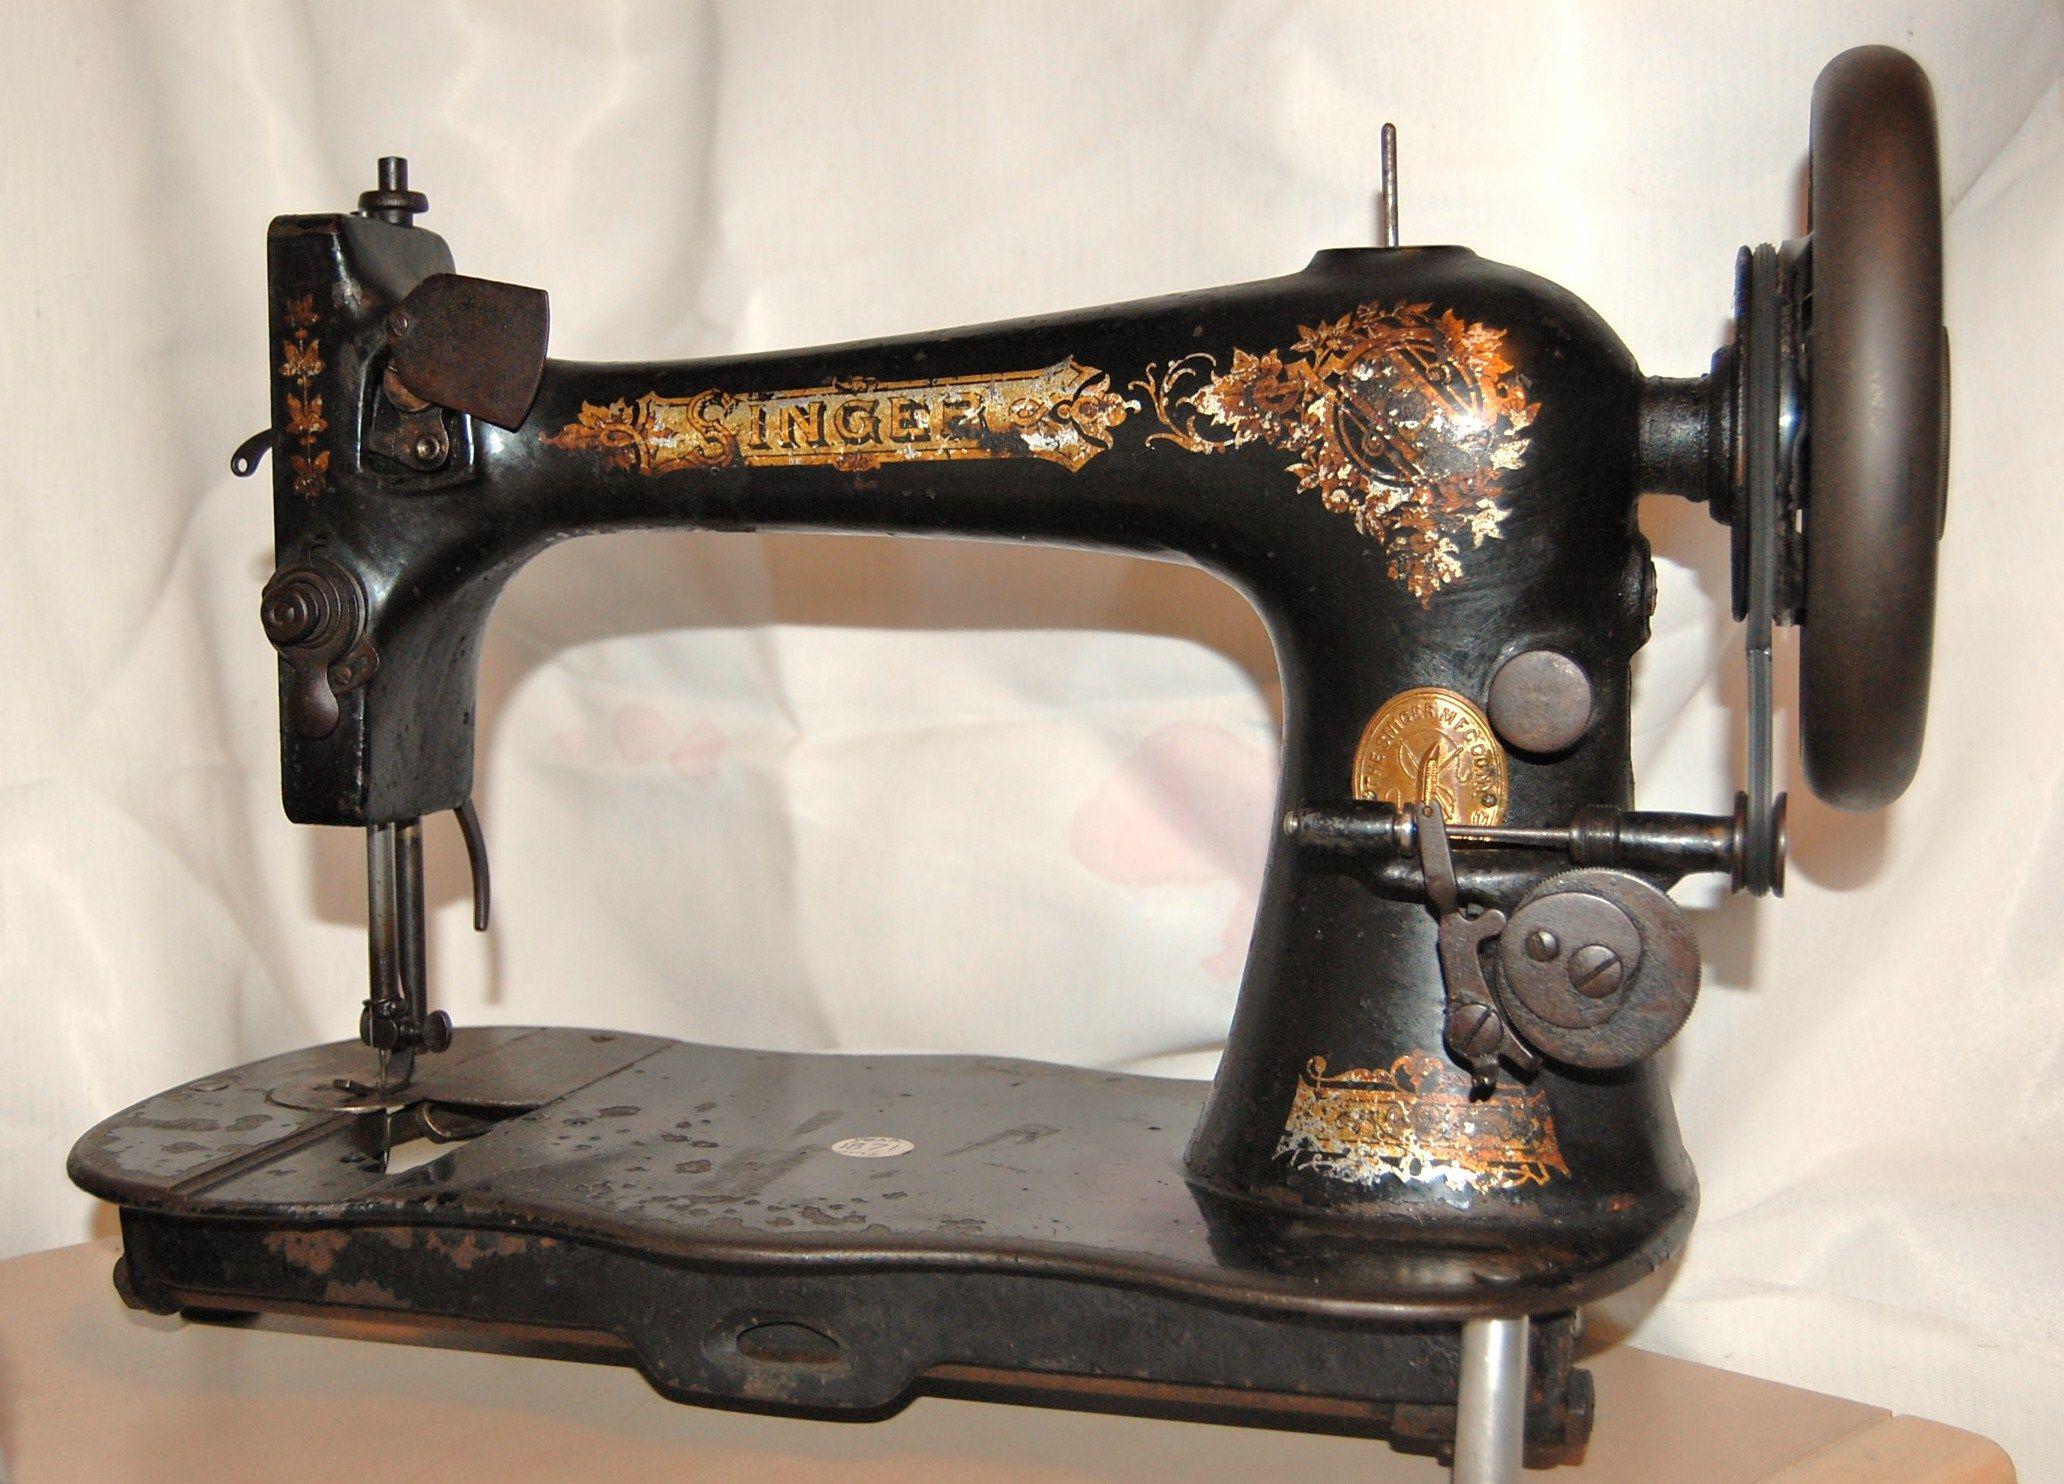 singer sewingmachine 1871 | Sewing machine, Sewing ...